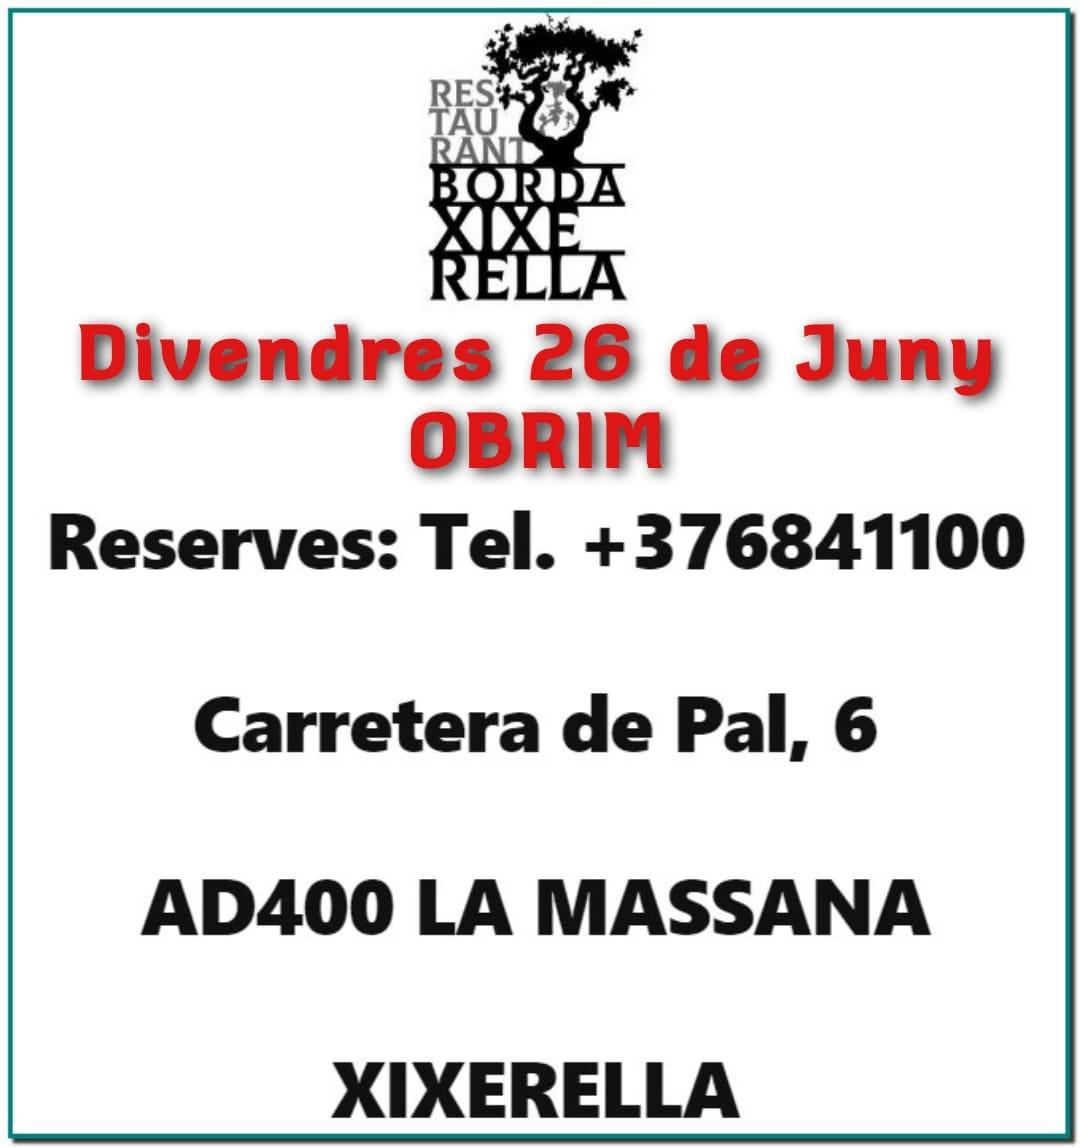 Aquest divendres dia 26 de Juny obrim de nou ja podeu reservar a la Borda Xixerella